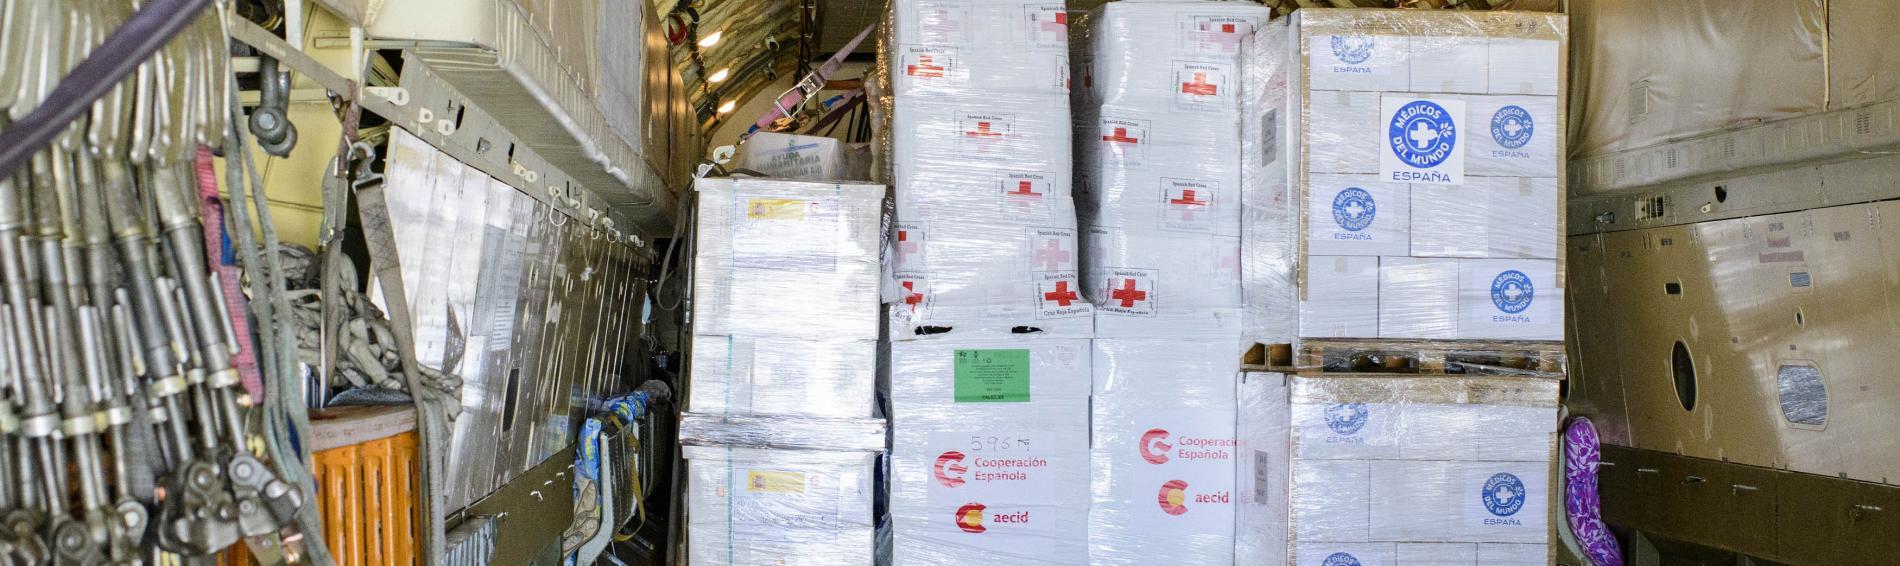 Seife, Handtücher und andere alltägliche Hygieneprodukte sind in Krisenzeiten unentbehrlich für die Gesundheit und das Wohlbefinden der von der Erdbebenkatastrophe betroffenen Menschen. Foto: AECID/Spanish Ministry of Foreign Affairs